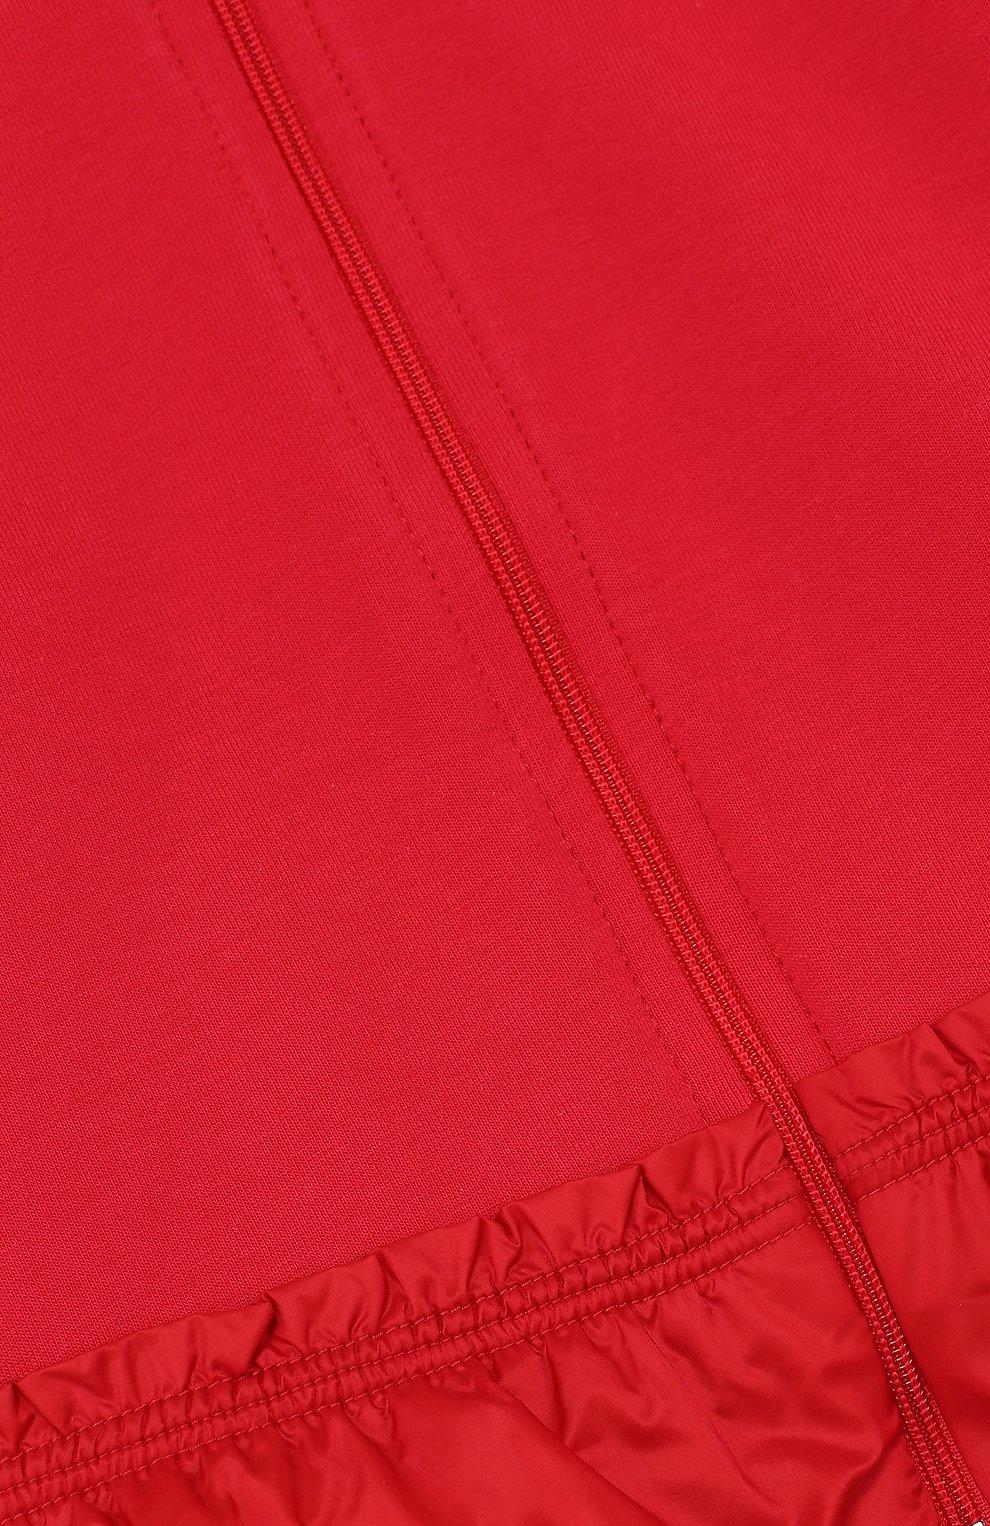 Детский хлопковый костюм из брюк и кардигана на молнии MONCLER ENFANT красного цвета, арт. D1-951-88564-05-809AC | Фото 3